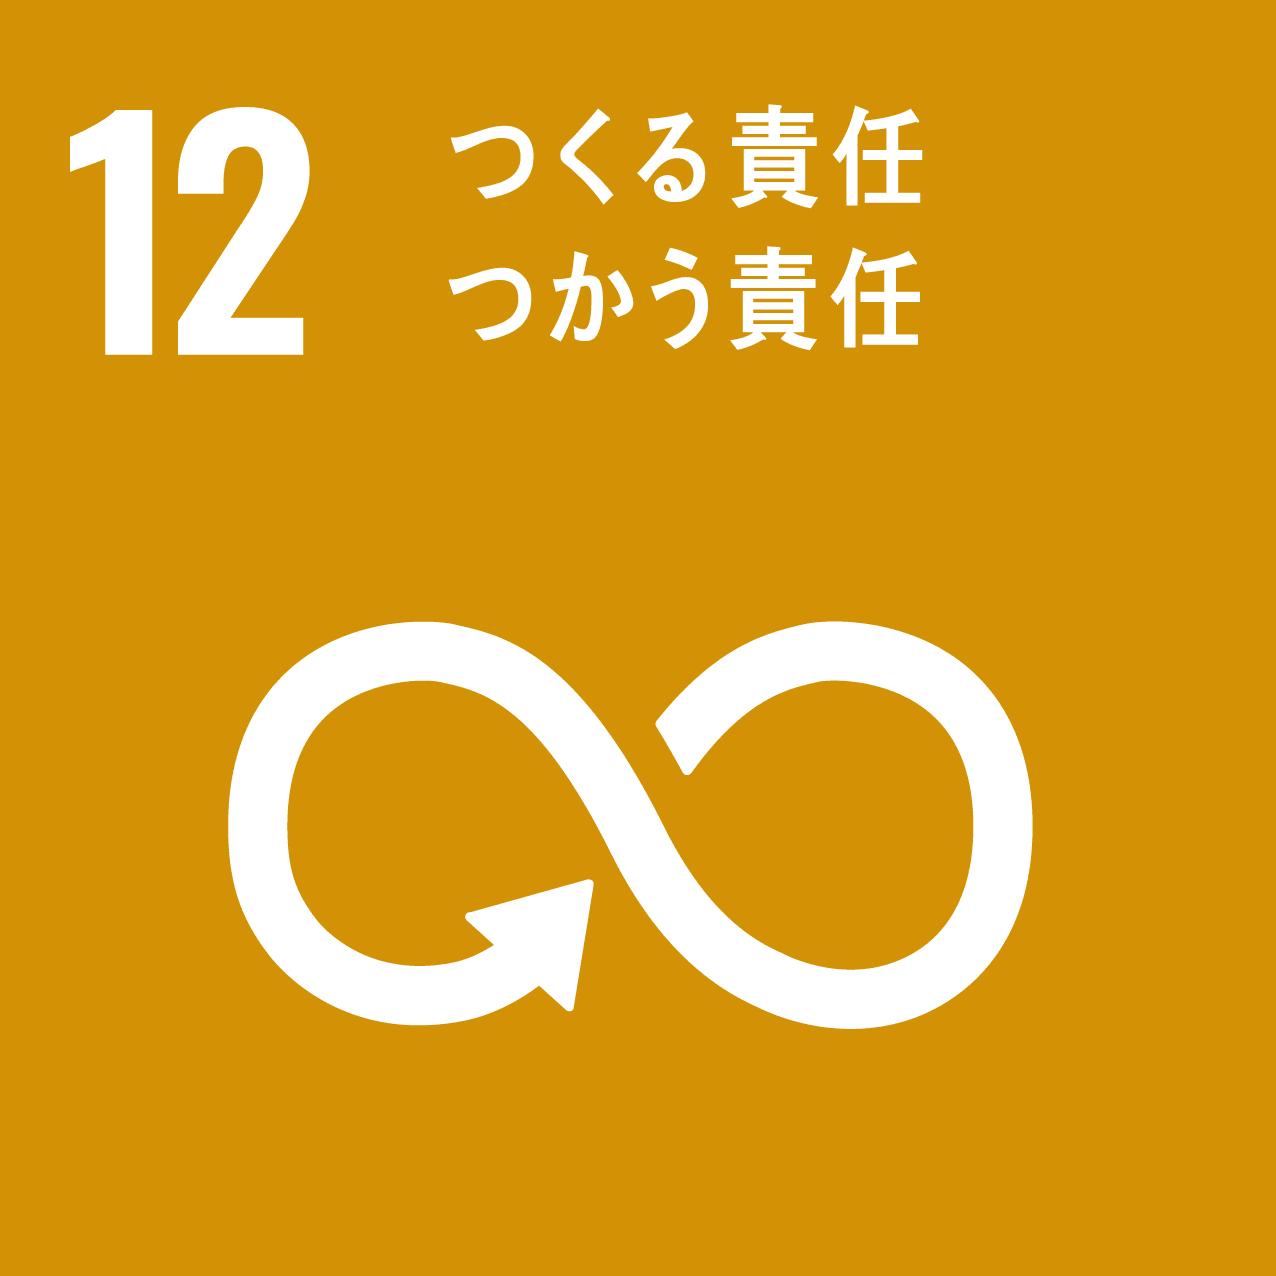 SDGsアイコン12.つくる責任つかう責任